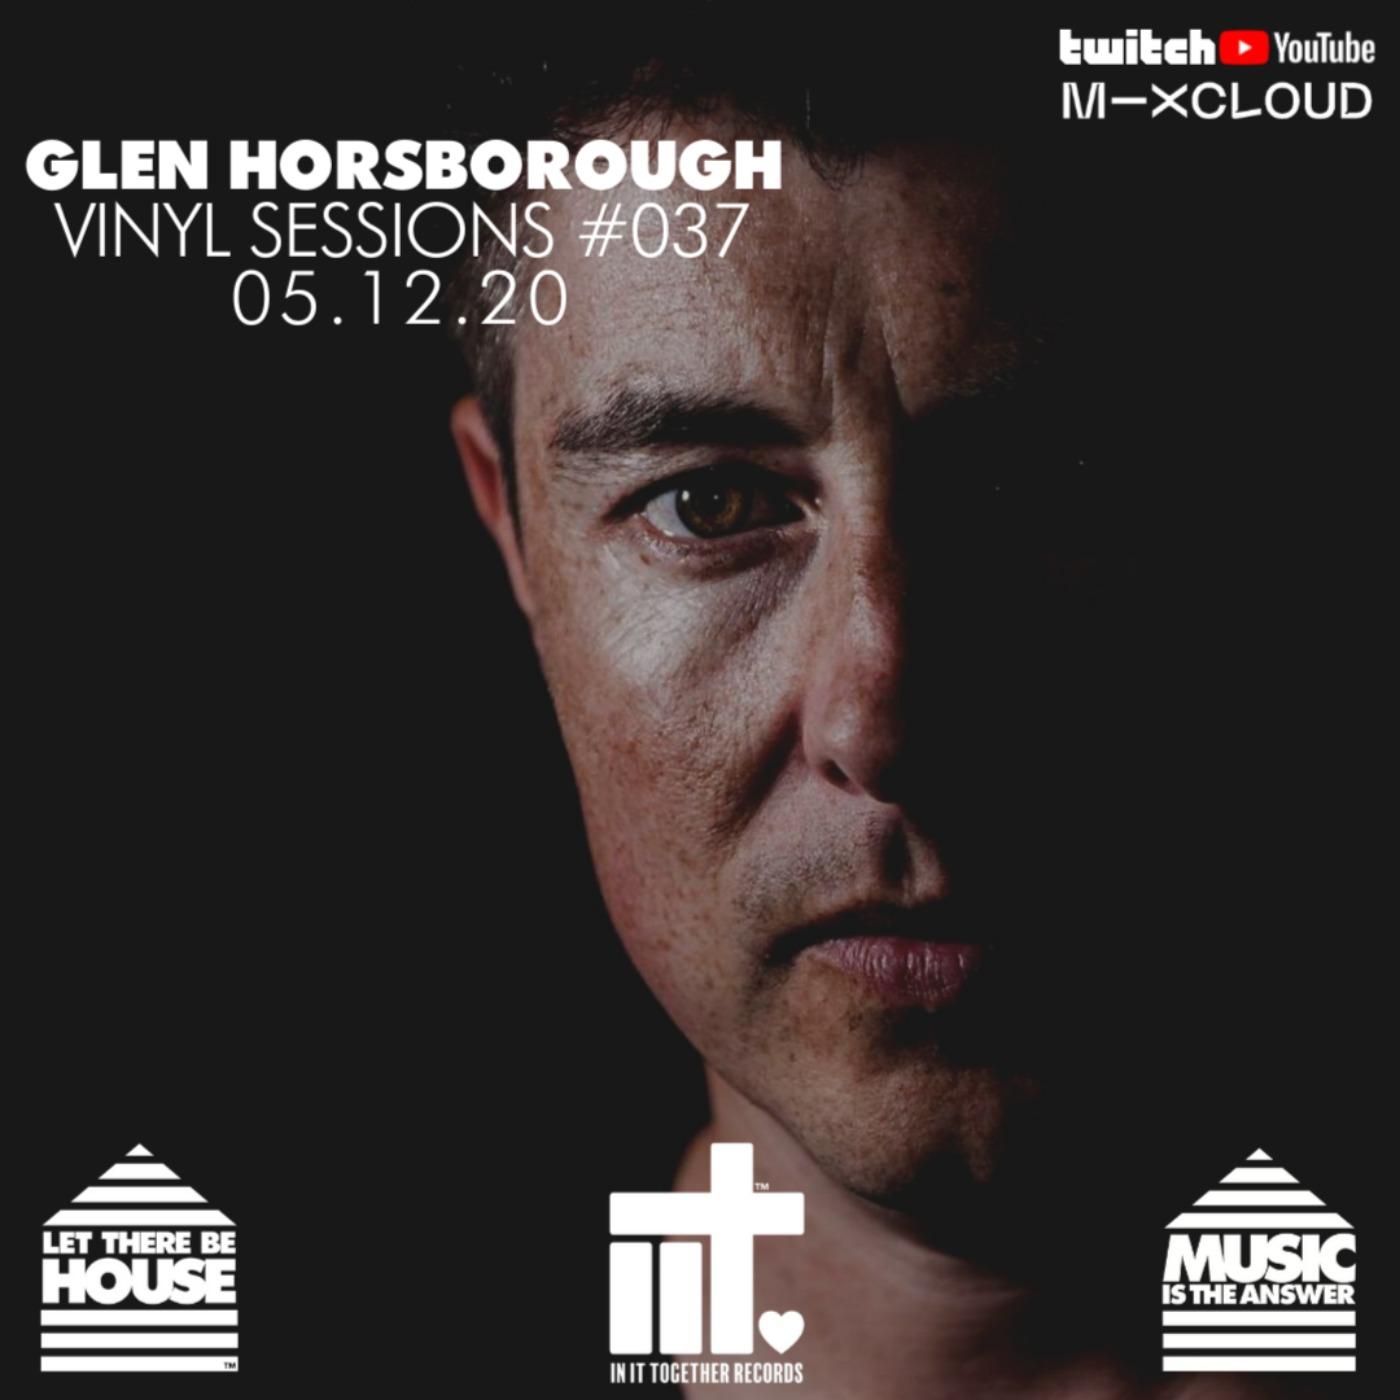 Glen Horsborough Vinyl Sessions #037